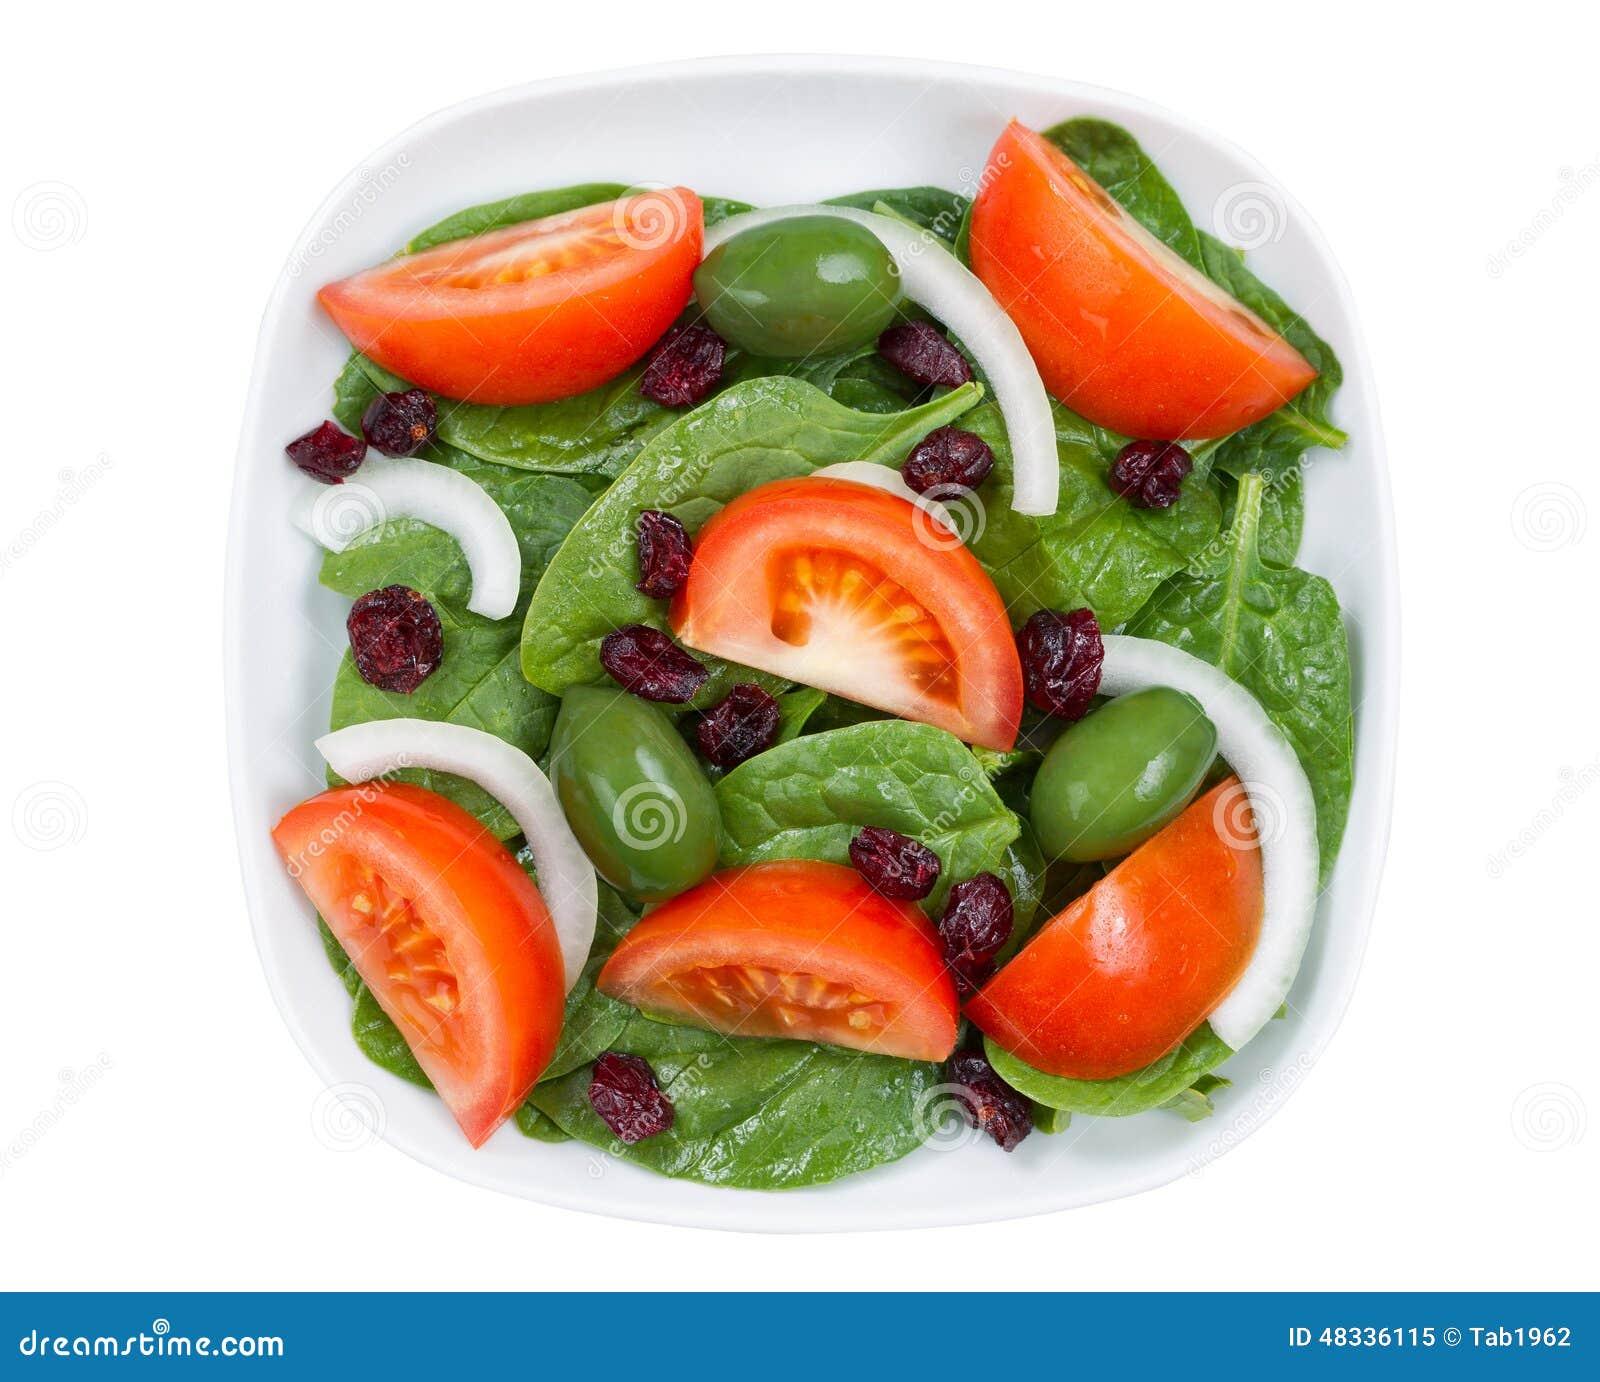 fermez vous vers le haut de la vue sup rieure de la salade fra che dans le plat d 39 isolement sur. Black Bedroom Furniture Sets. Home Design Ideas